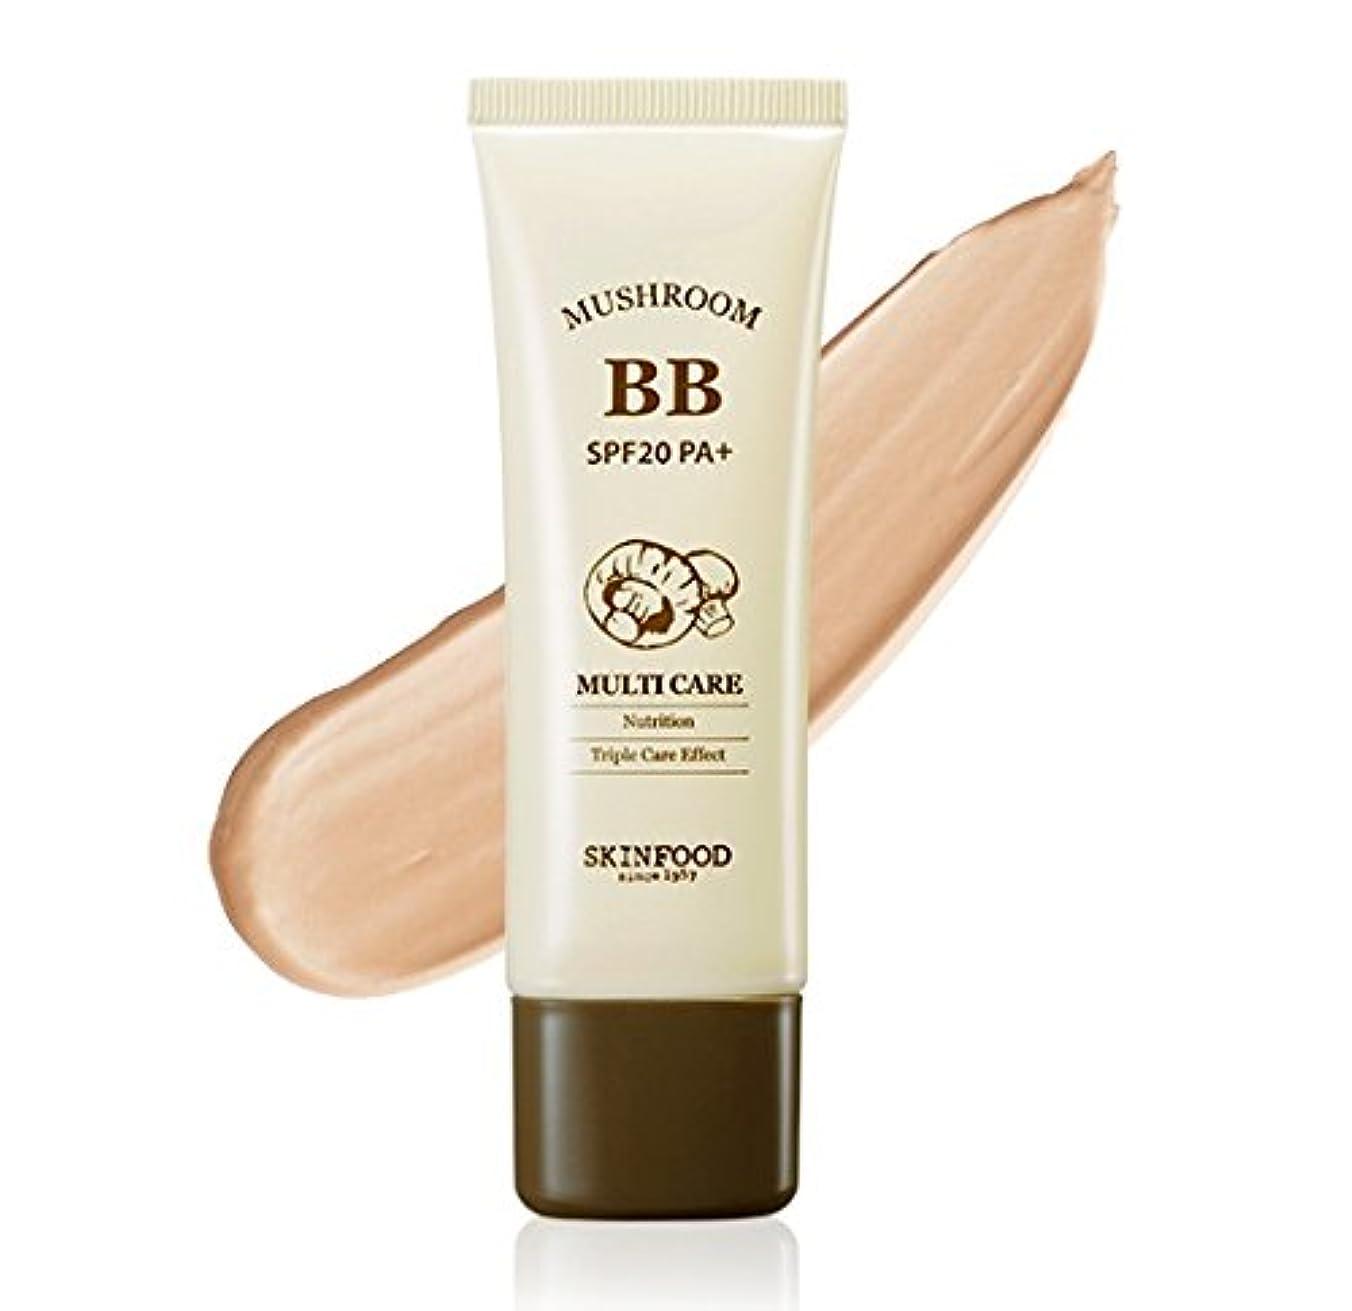 鉛筆アーティファクトサイクロプス#Bright skin SKINFOOD Mushroom Multi Care BB Cream スキンフード マッシュルーム マルチケア BB cream クリーム SPF20 PA+ [並行輸入品]